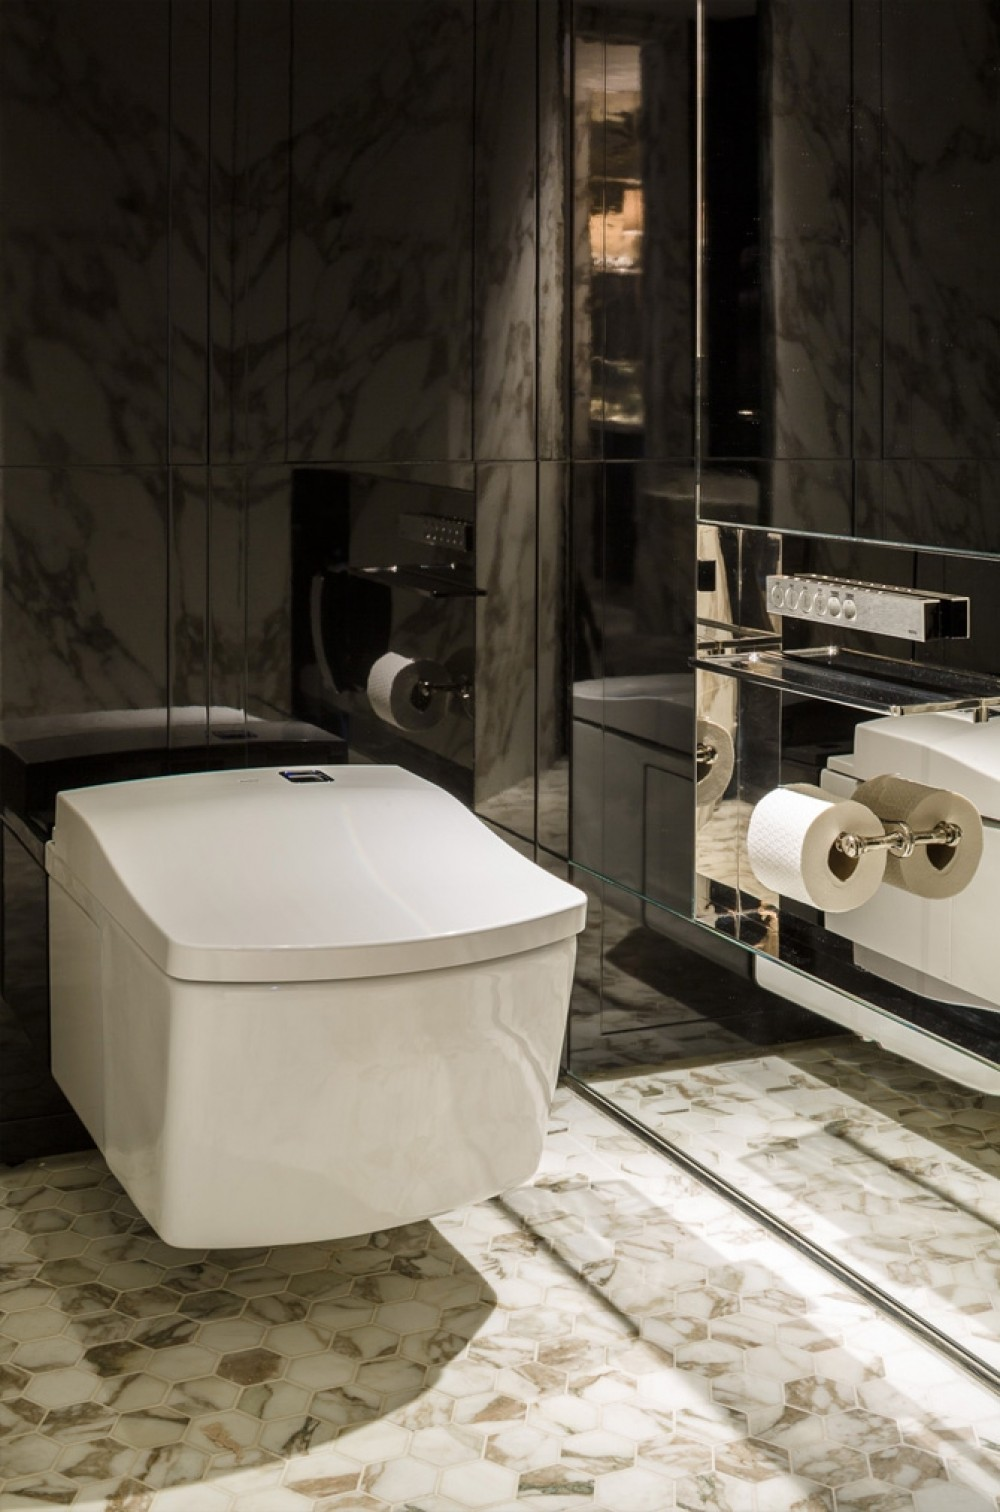 toto neorest washlet uk luxury